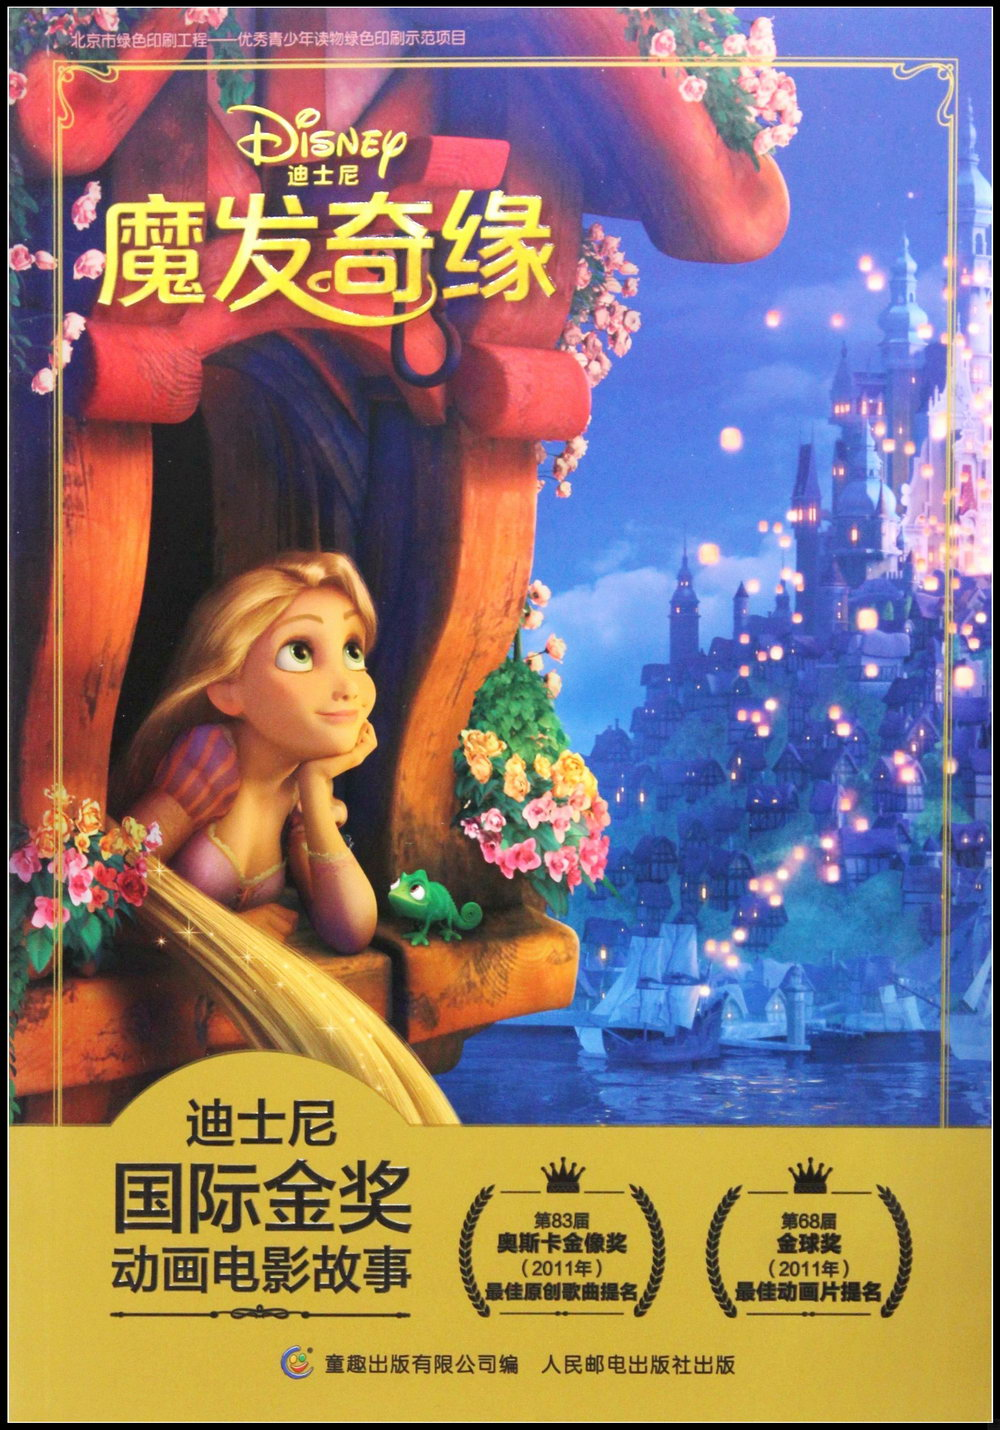 迪士尼國際金獎動畫電影故事:魔發奇緣